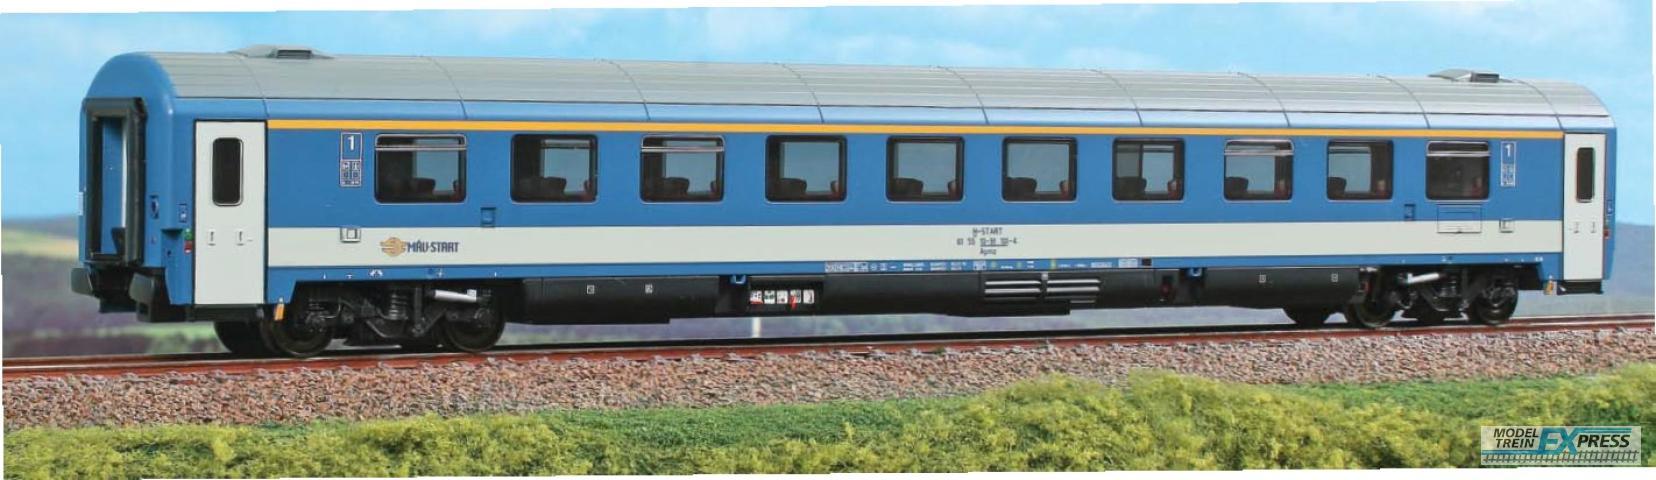 ACME 52062